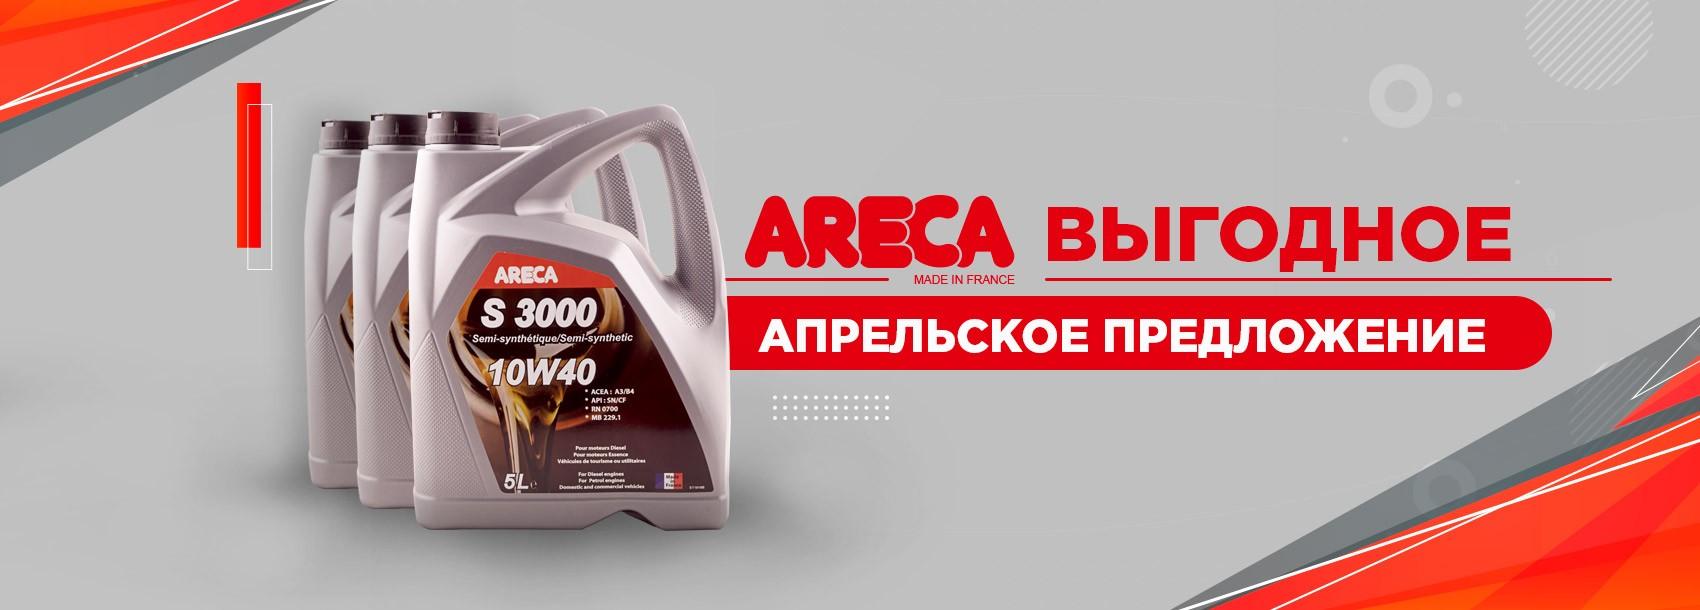 Супер цена на мотороное масло ARECA S3000 в 12,57 евро от любого количества